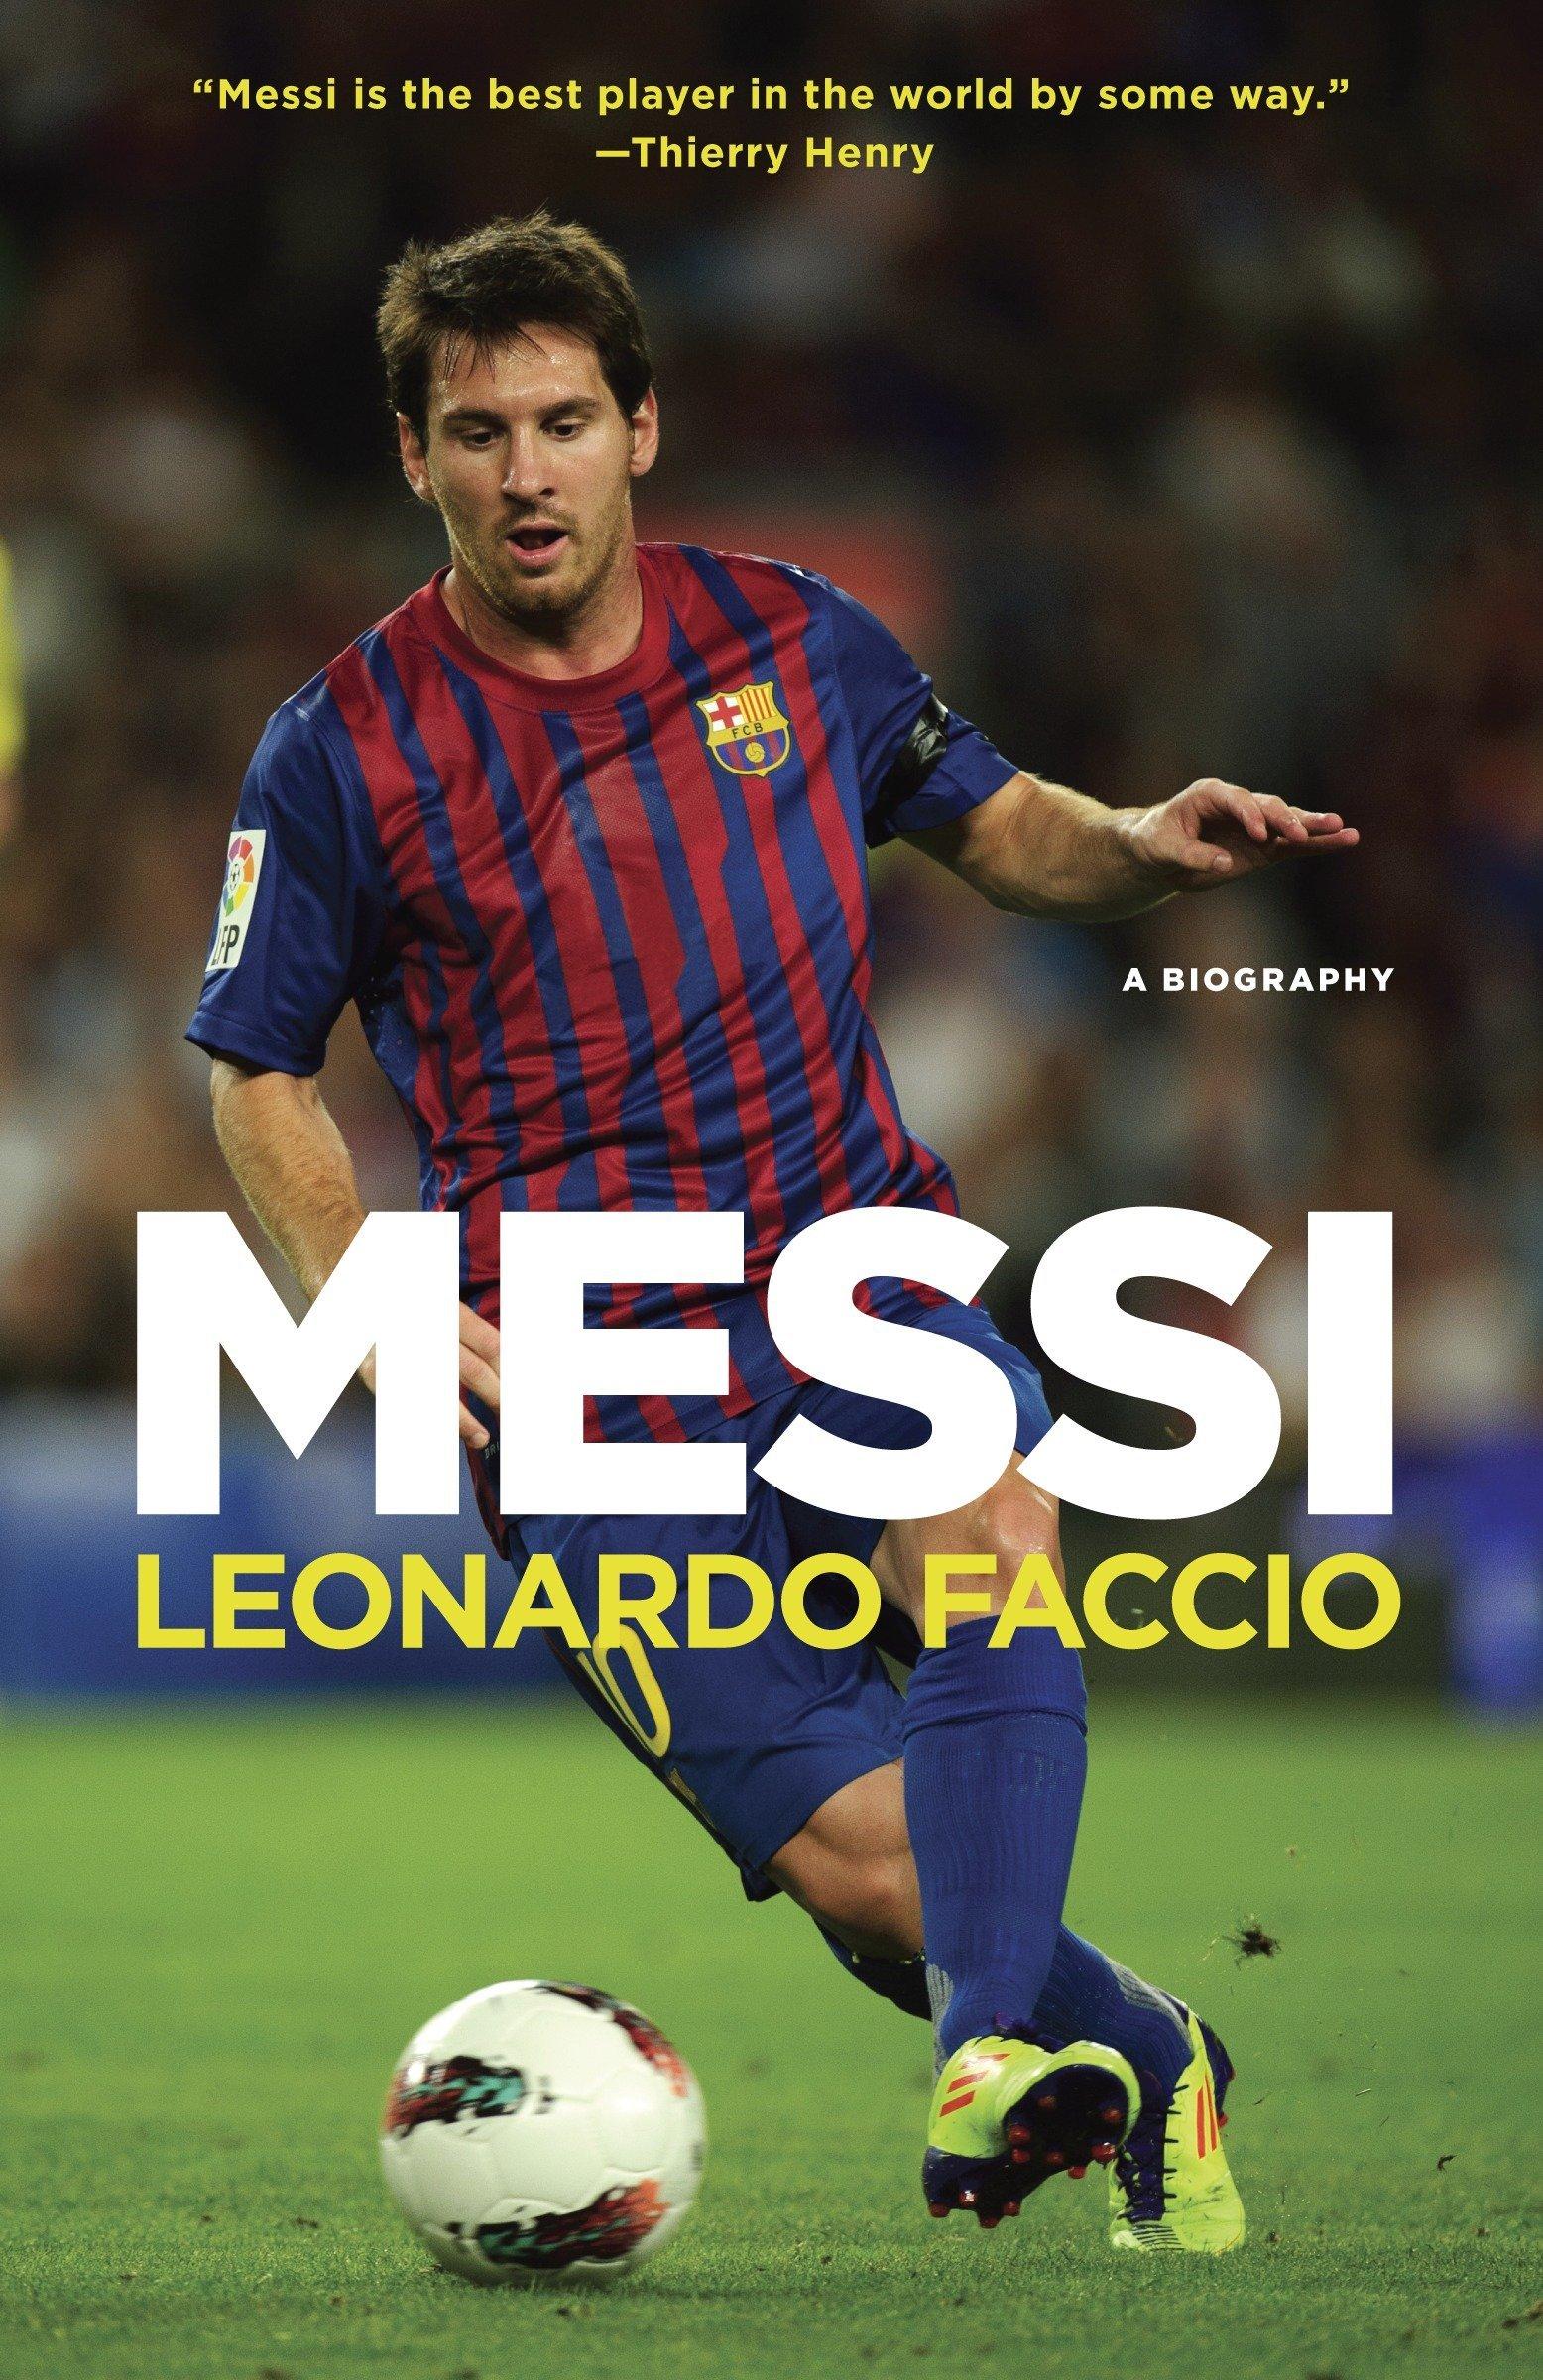 40af9300405 Amazon.com: Messi: A Biography (9780345802699): Leonardo Faccio: Books